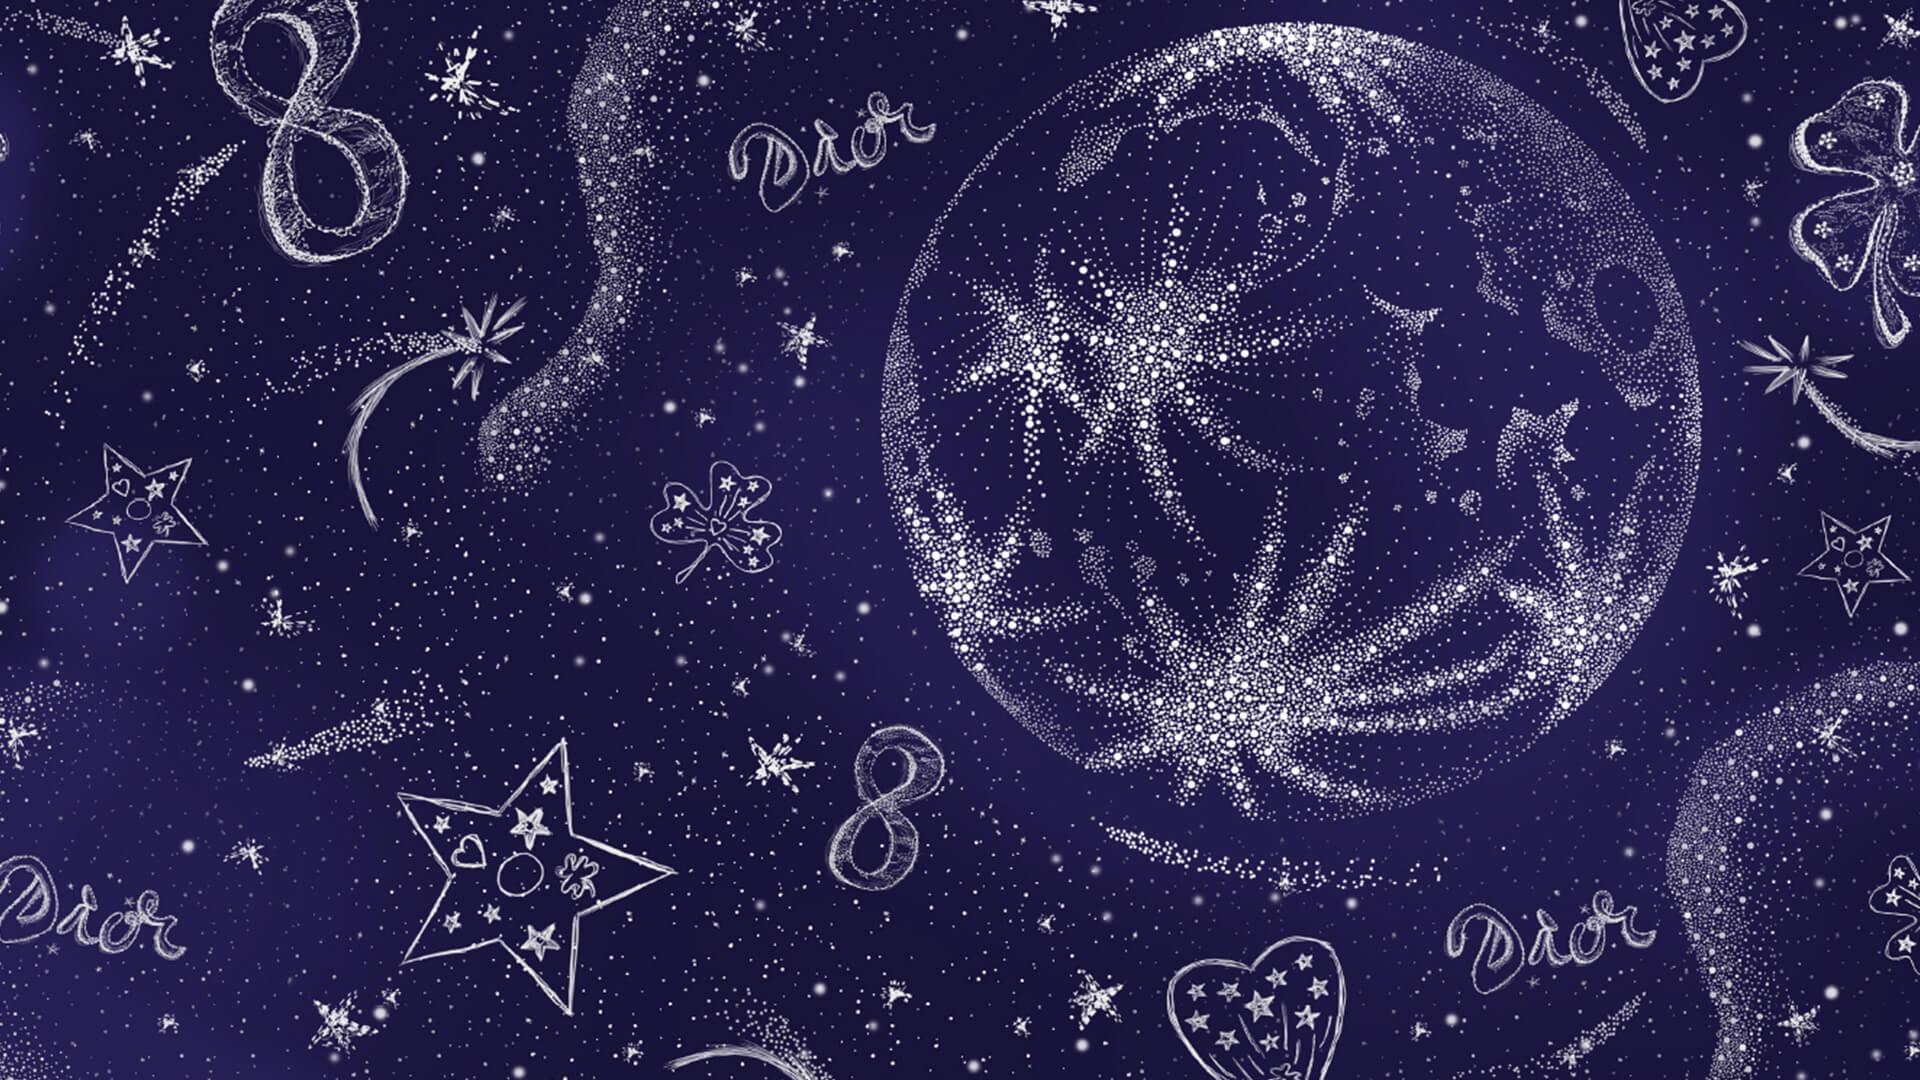 Lanterne Full Moon Festival Dior 1 Illustration Et Design Objet